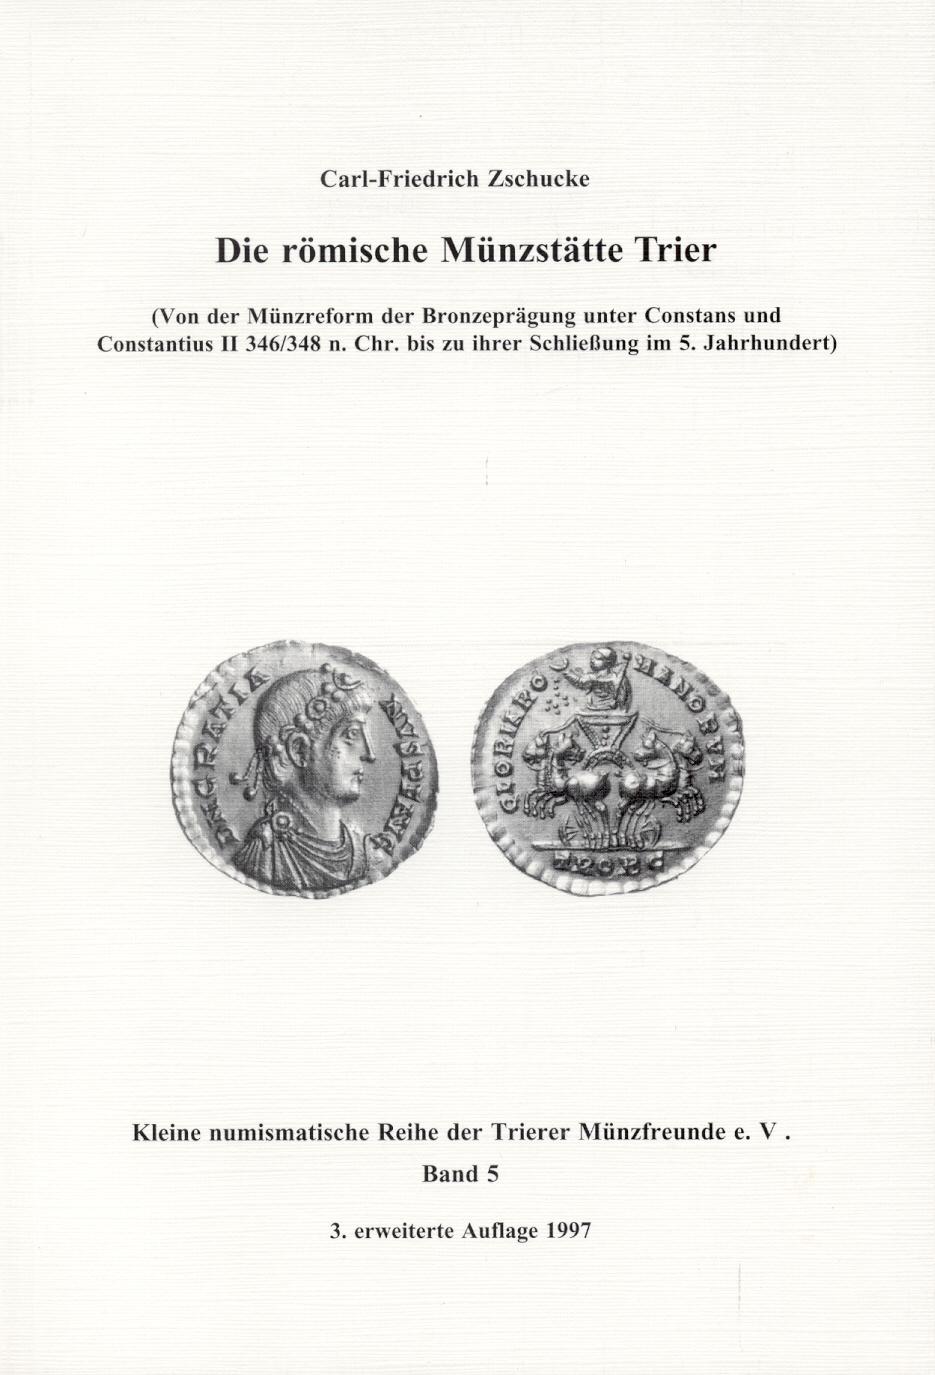 livres sur le monnayage de Trêves Trier_zschucke_